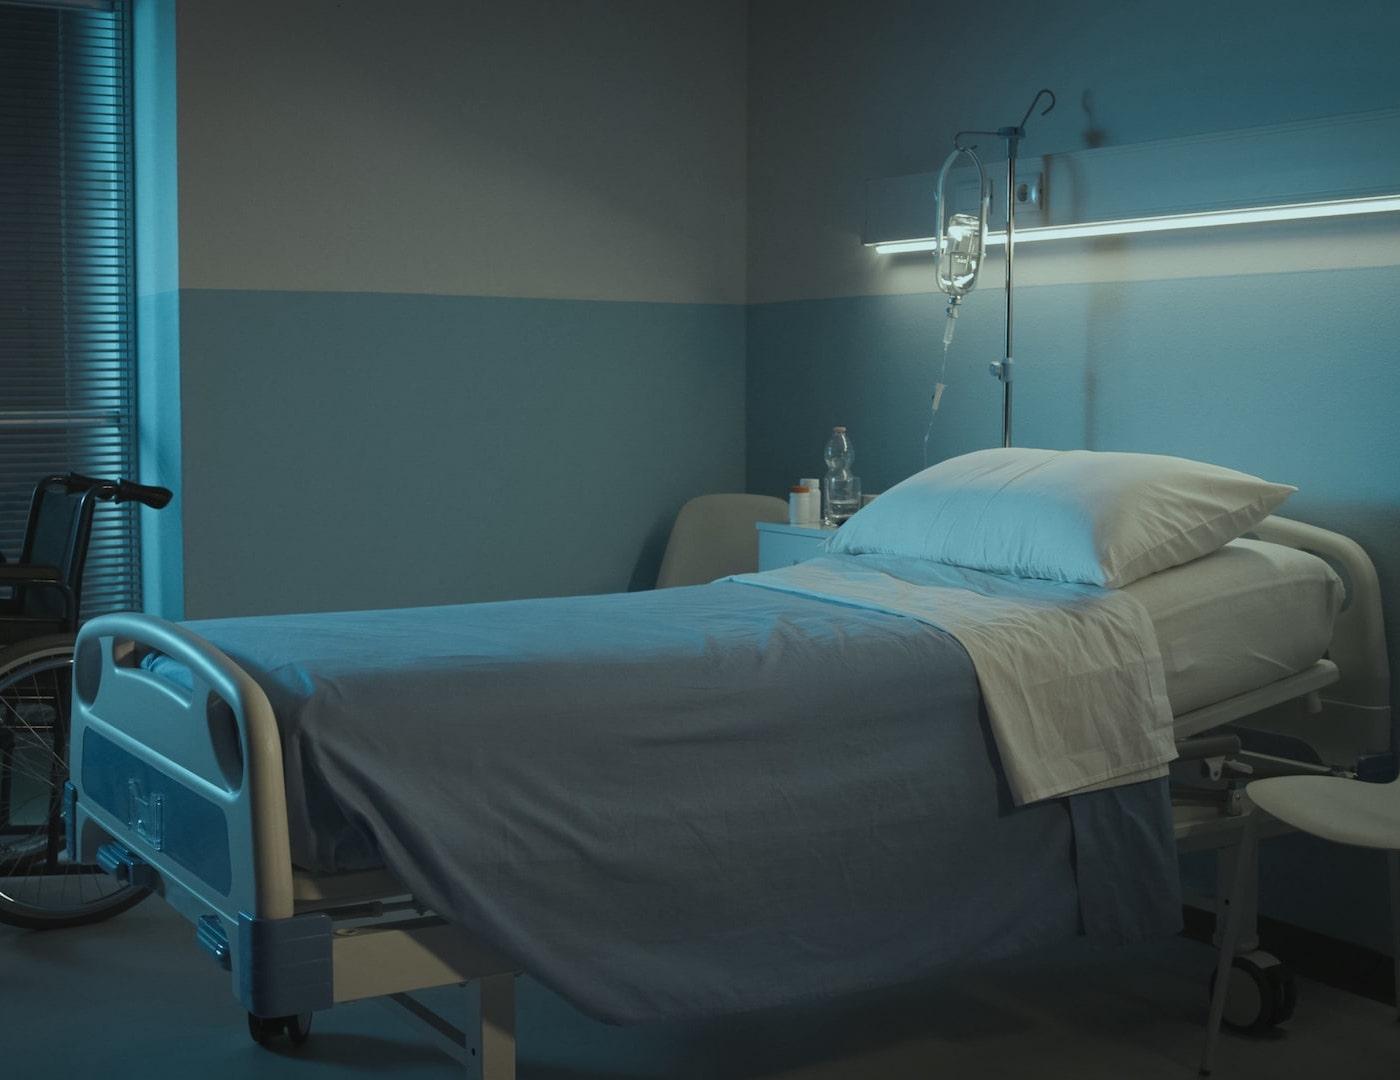 Biesse Medica - Camera di degenza_2